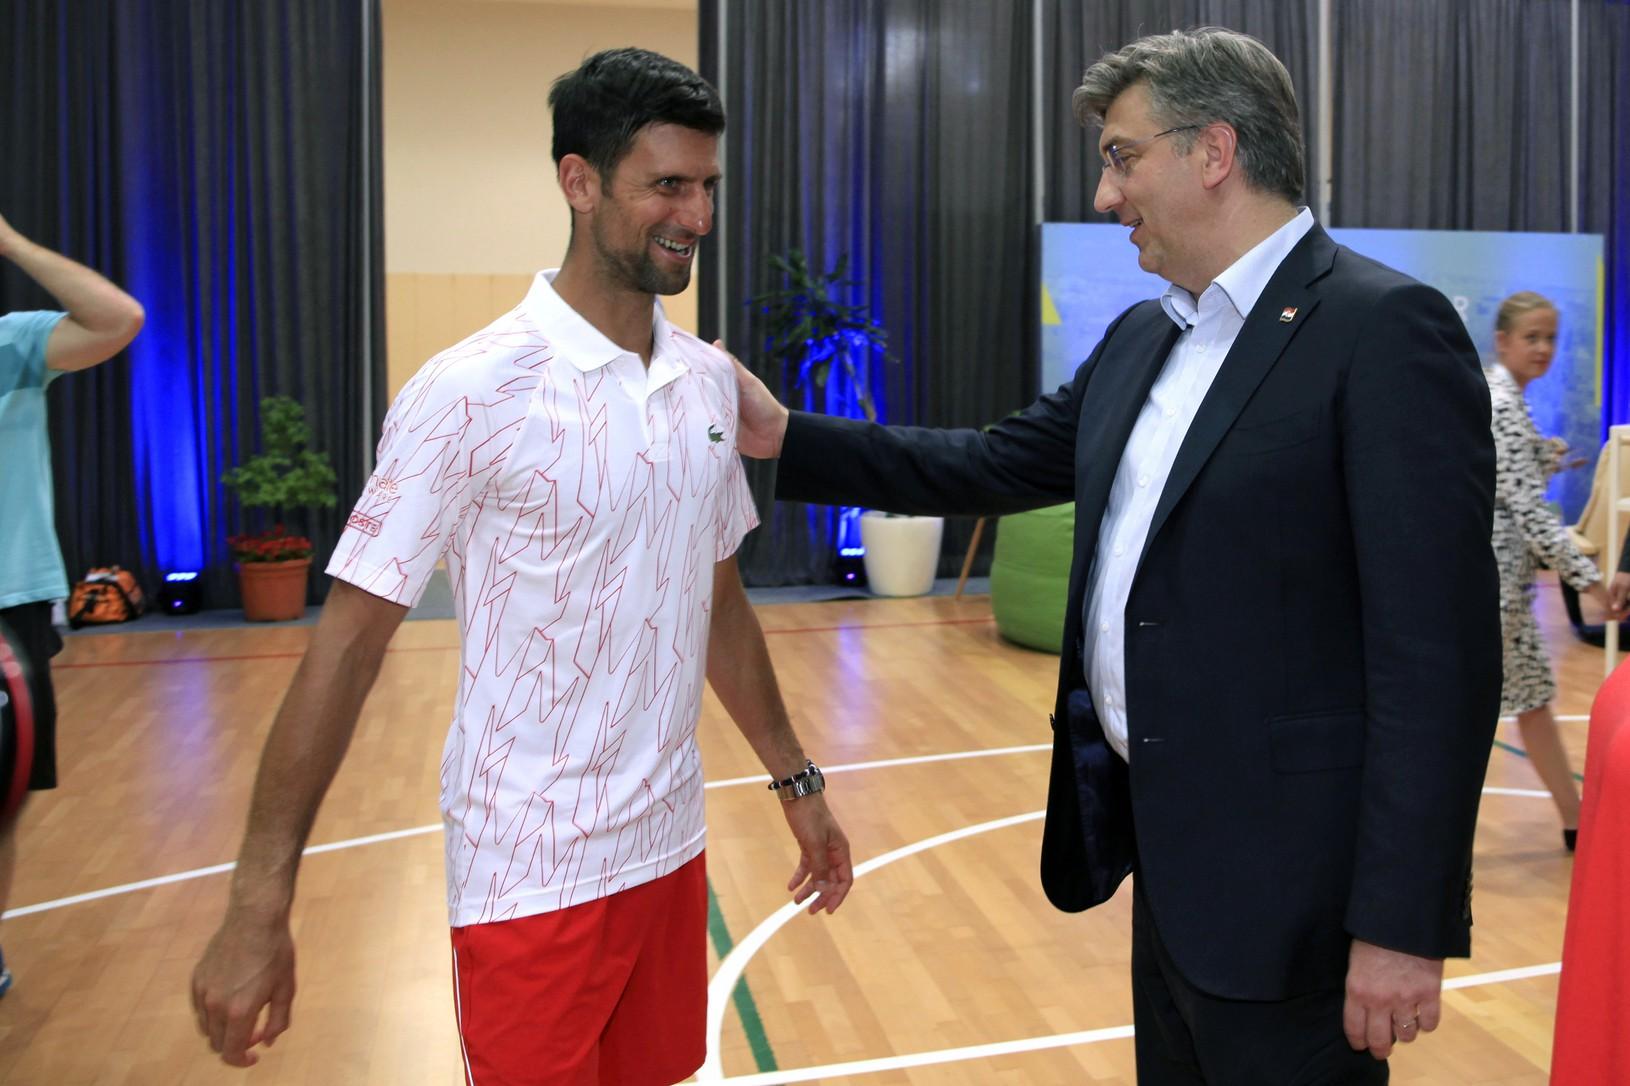 Novak Djokovič a chorvátsky